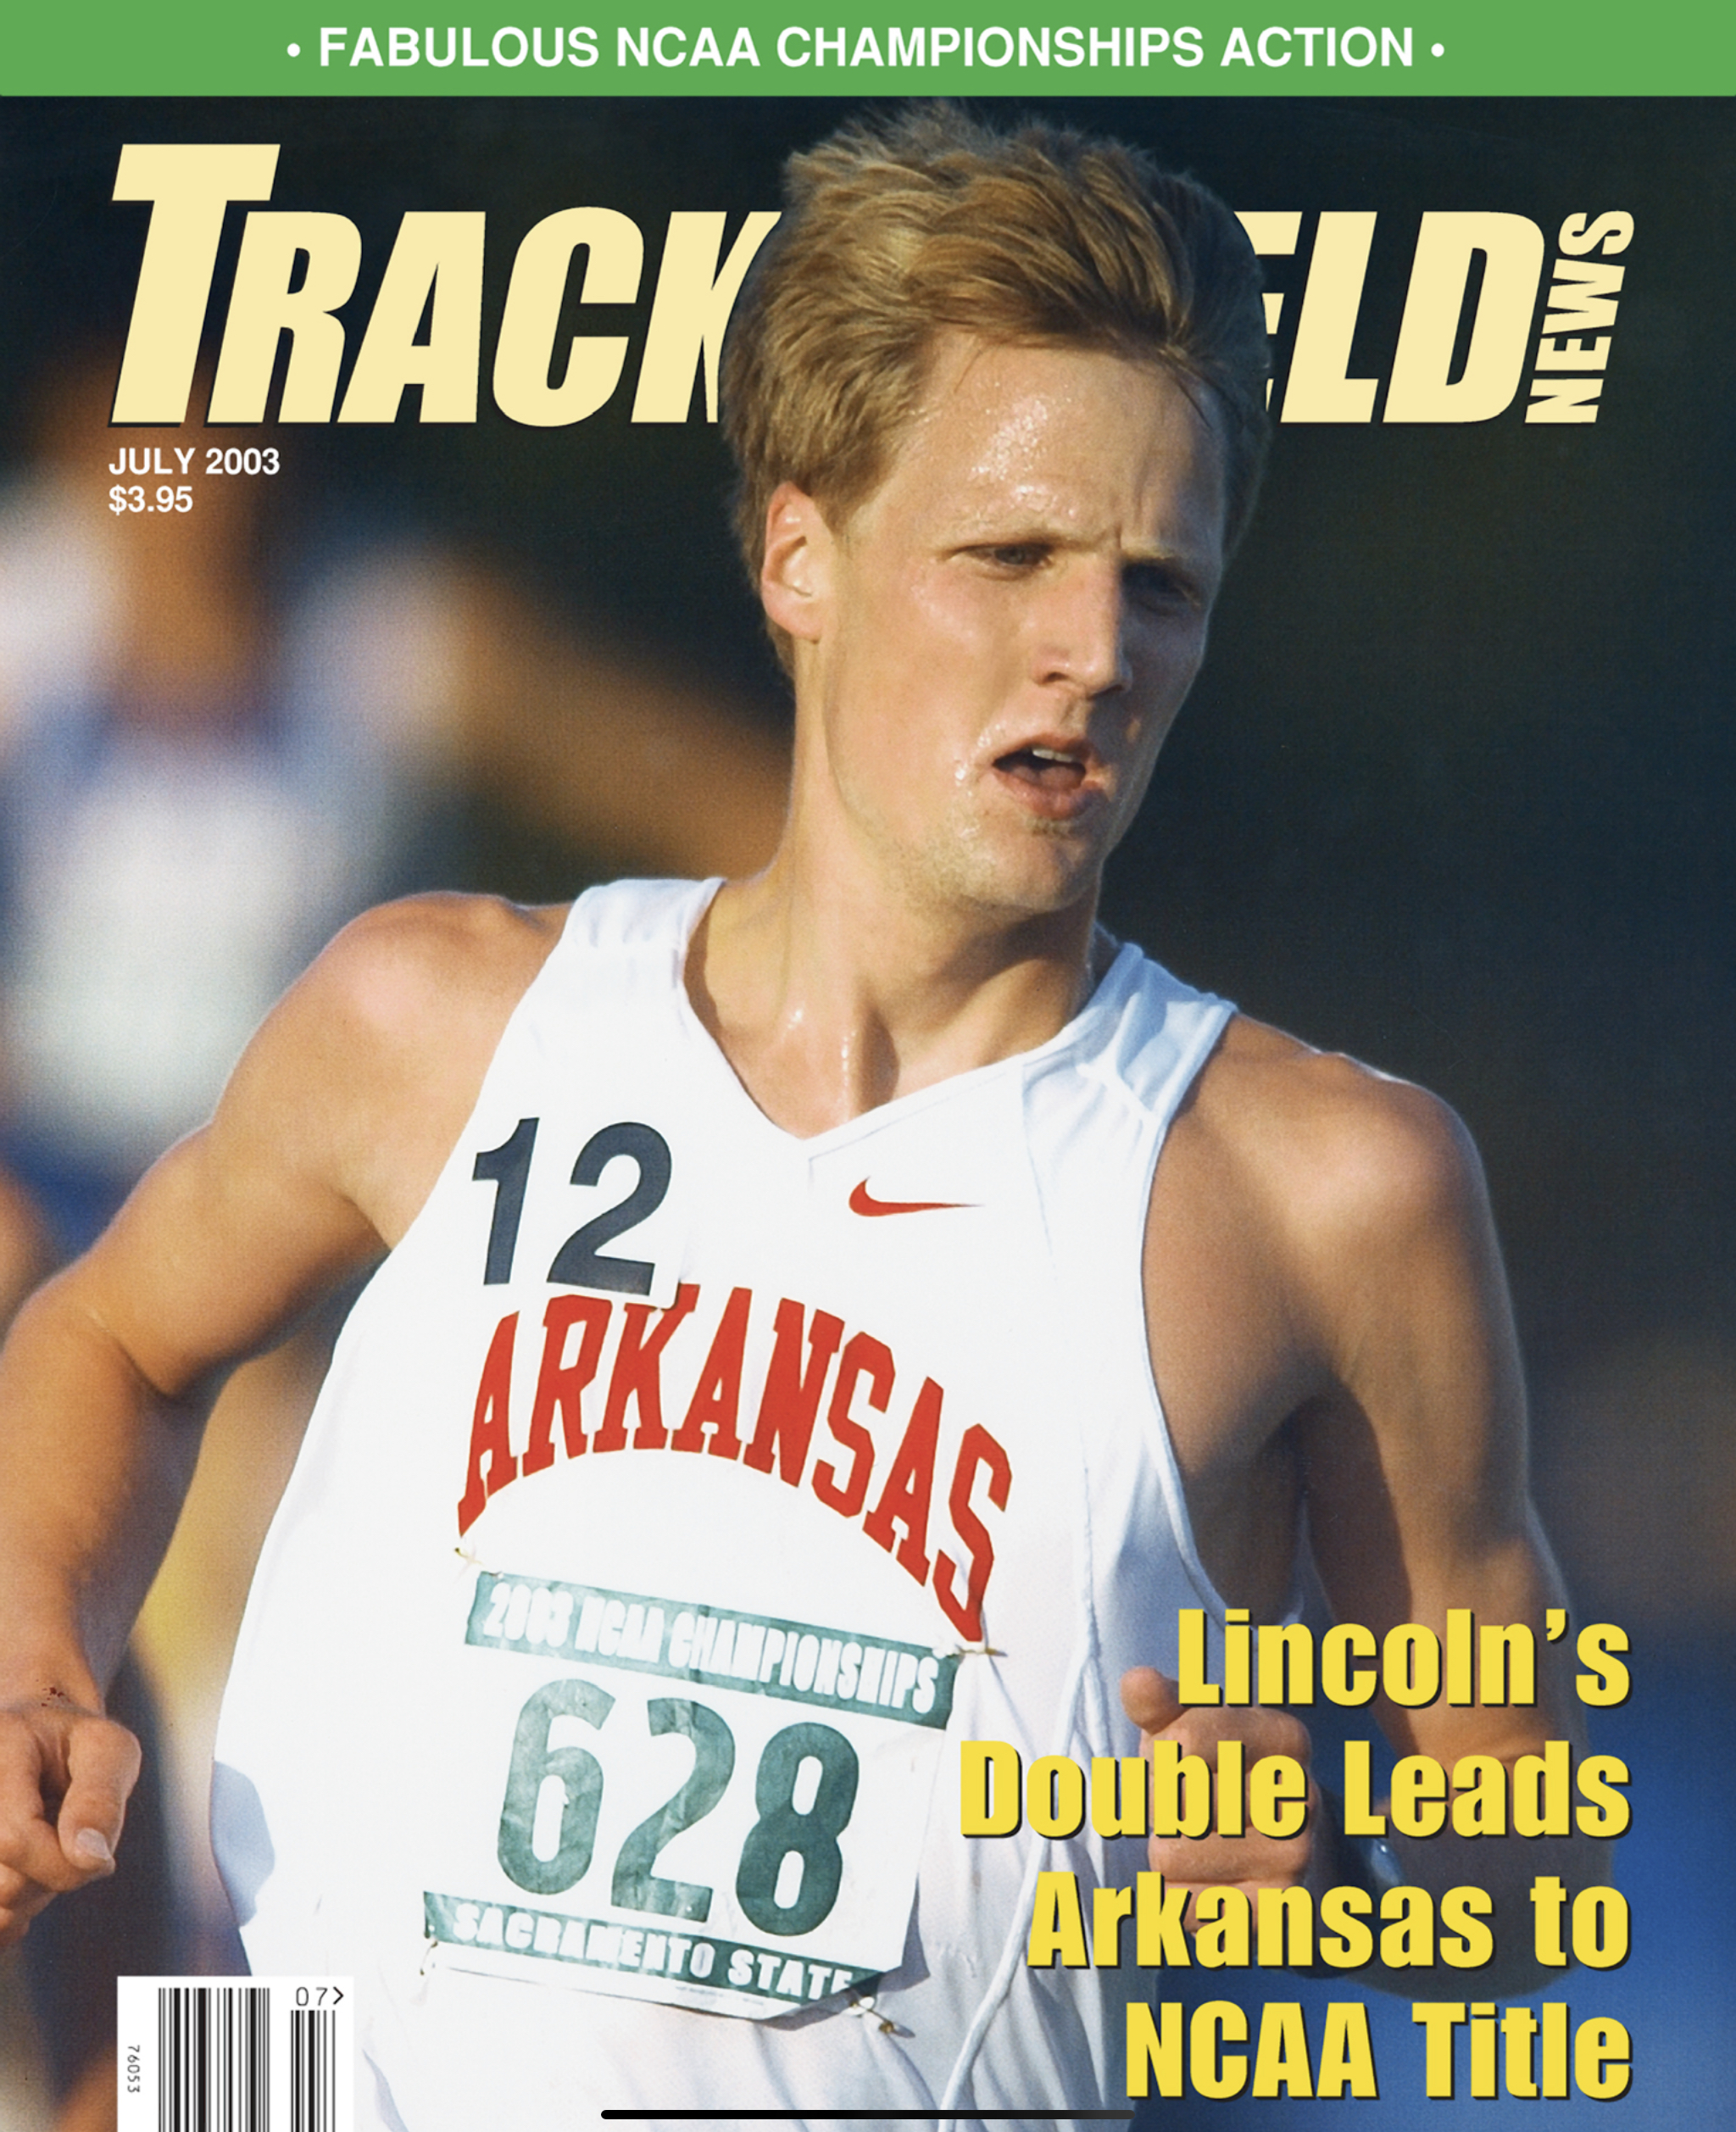 Daniel Lincoln 2003